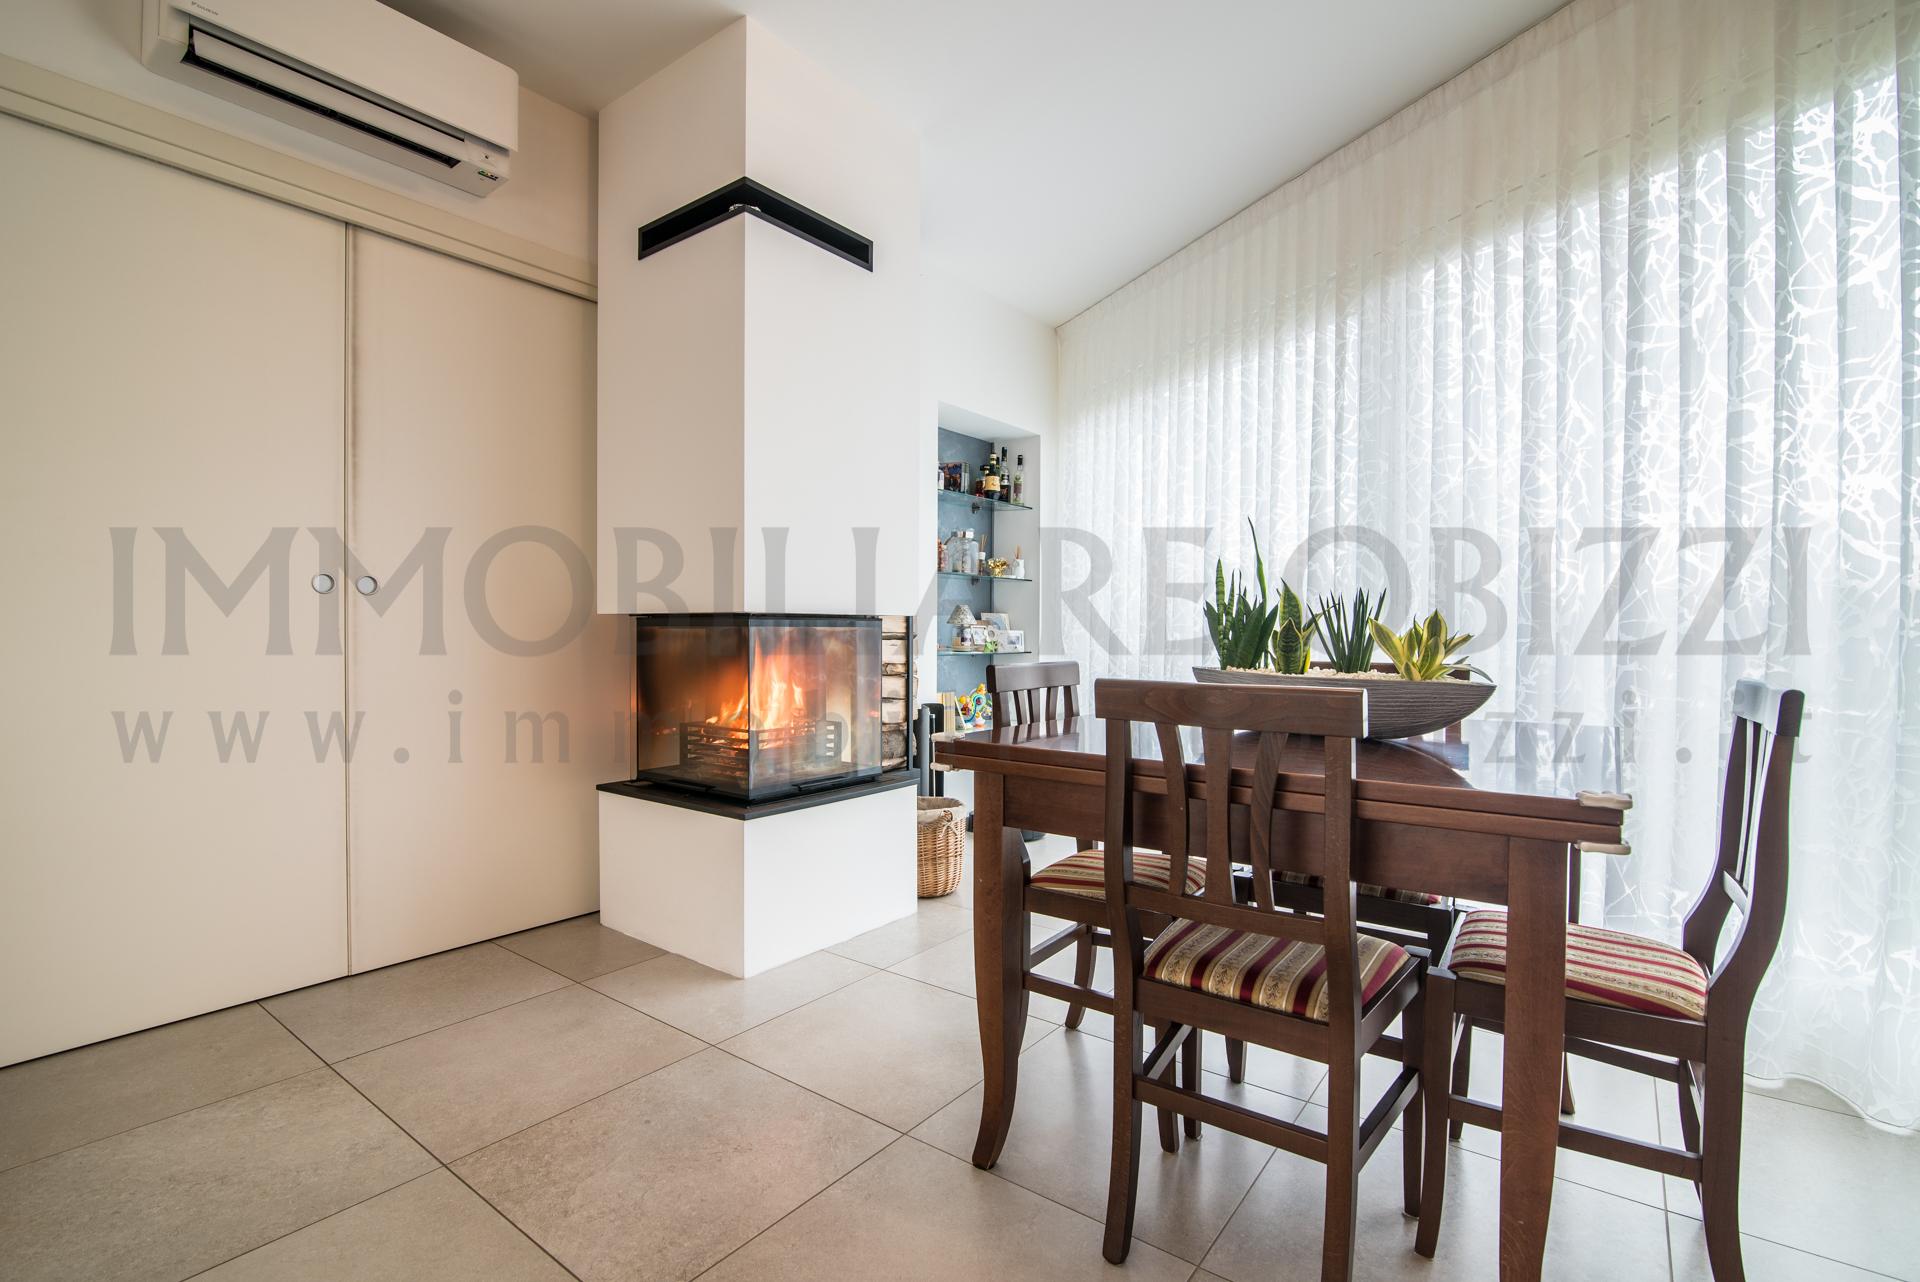 ALBIGNASEGO -Zona Ferri- Appartamento due camere con giardino –